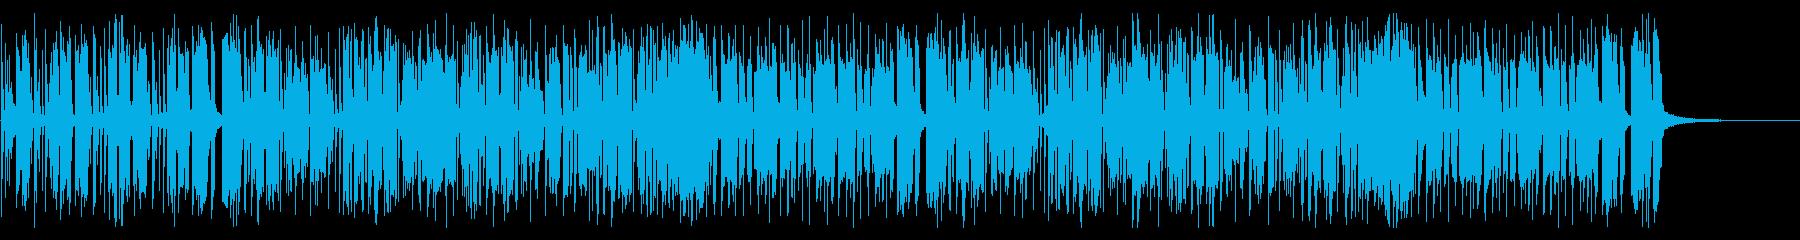 レースゲームや日常で使えるBGMの再生済みの波形